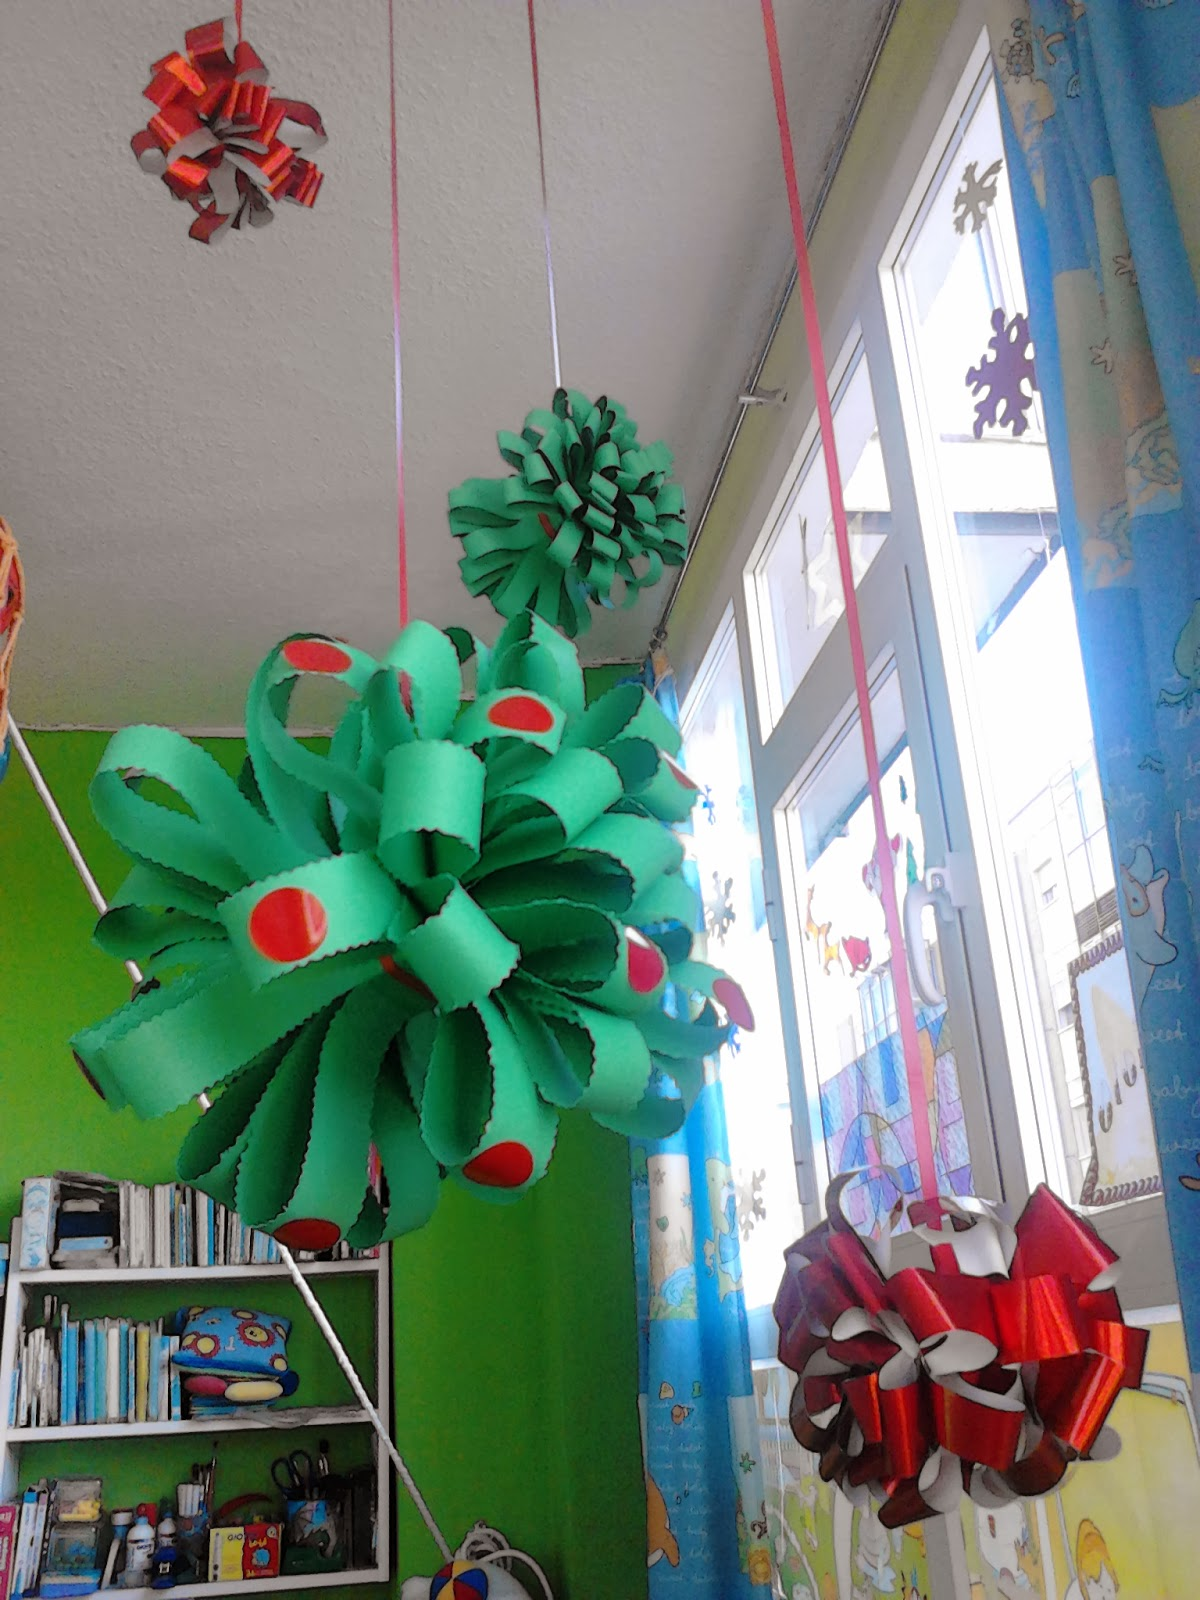 Escuela Infantil Pis Pas Diciembre 2013